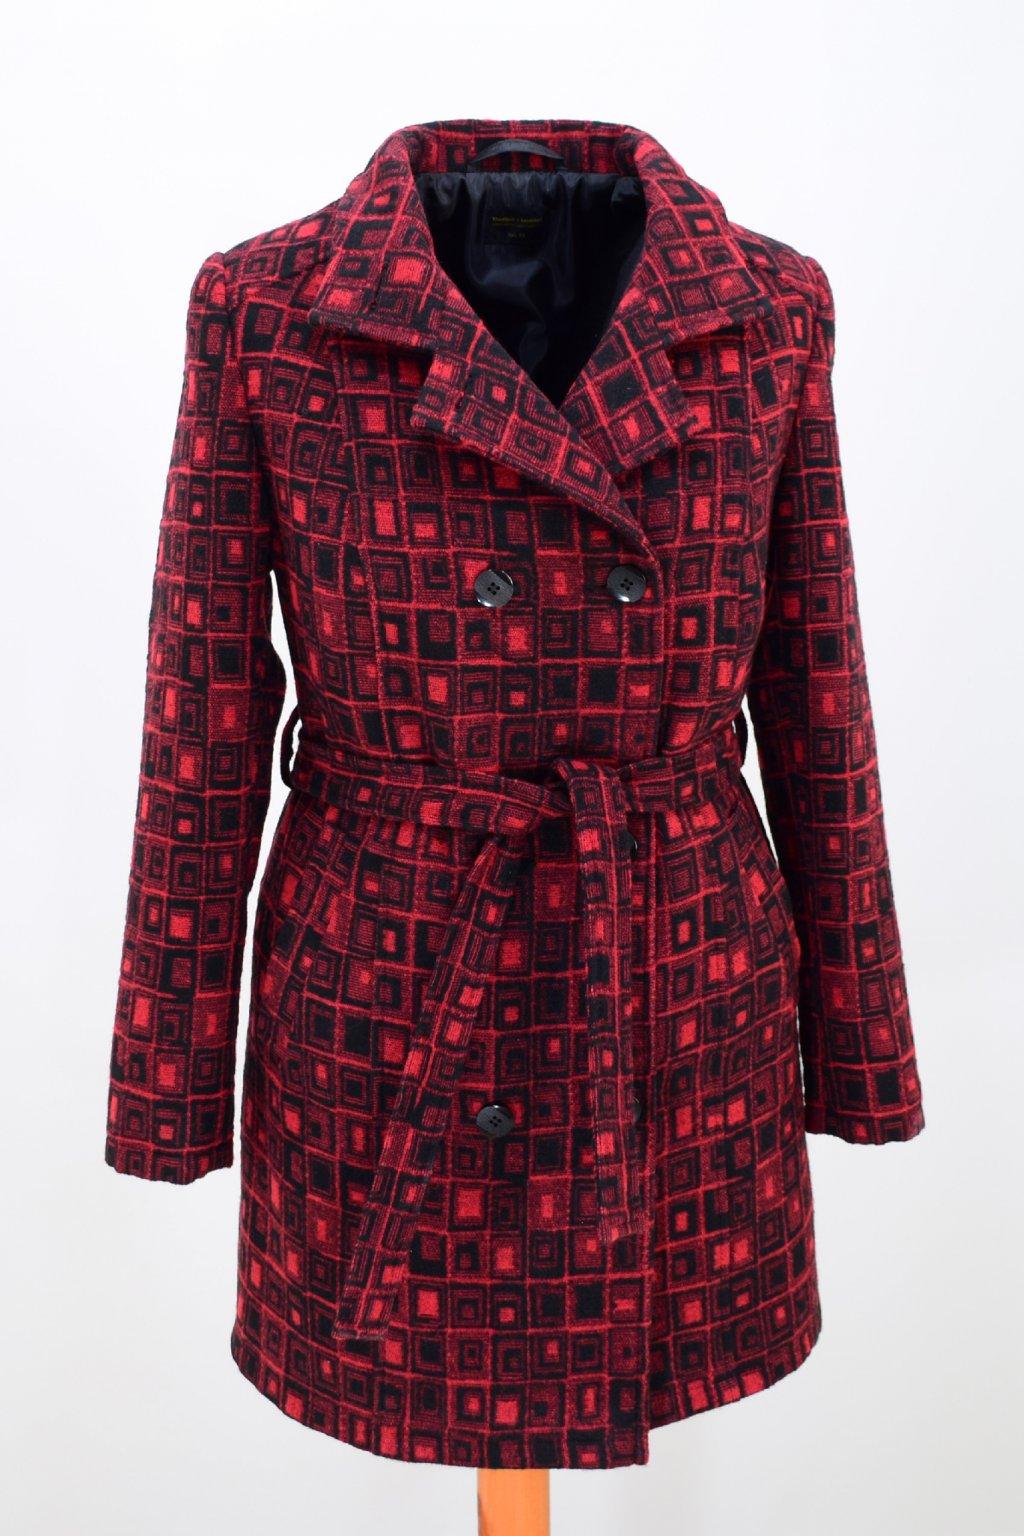 Dámský zimní červený kostkovaný kabát Sofie.